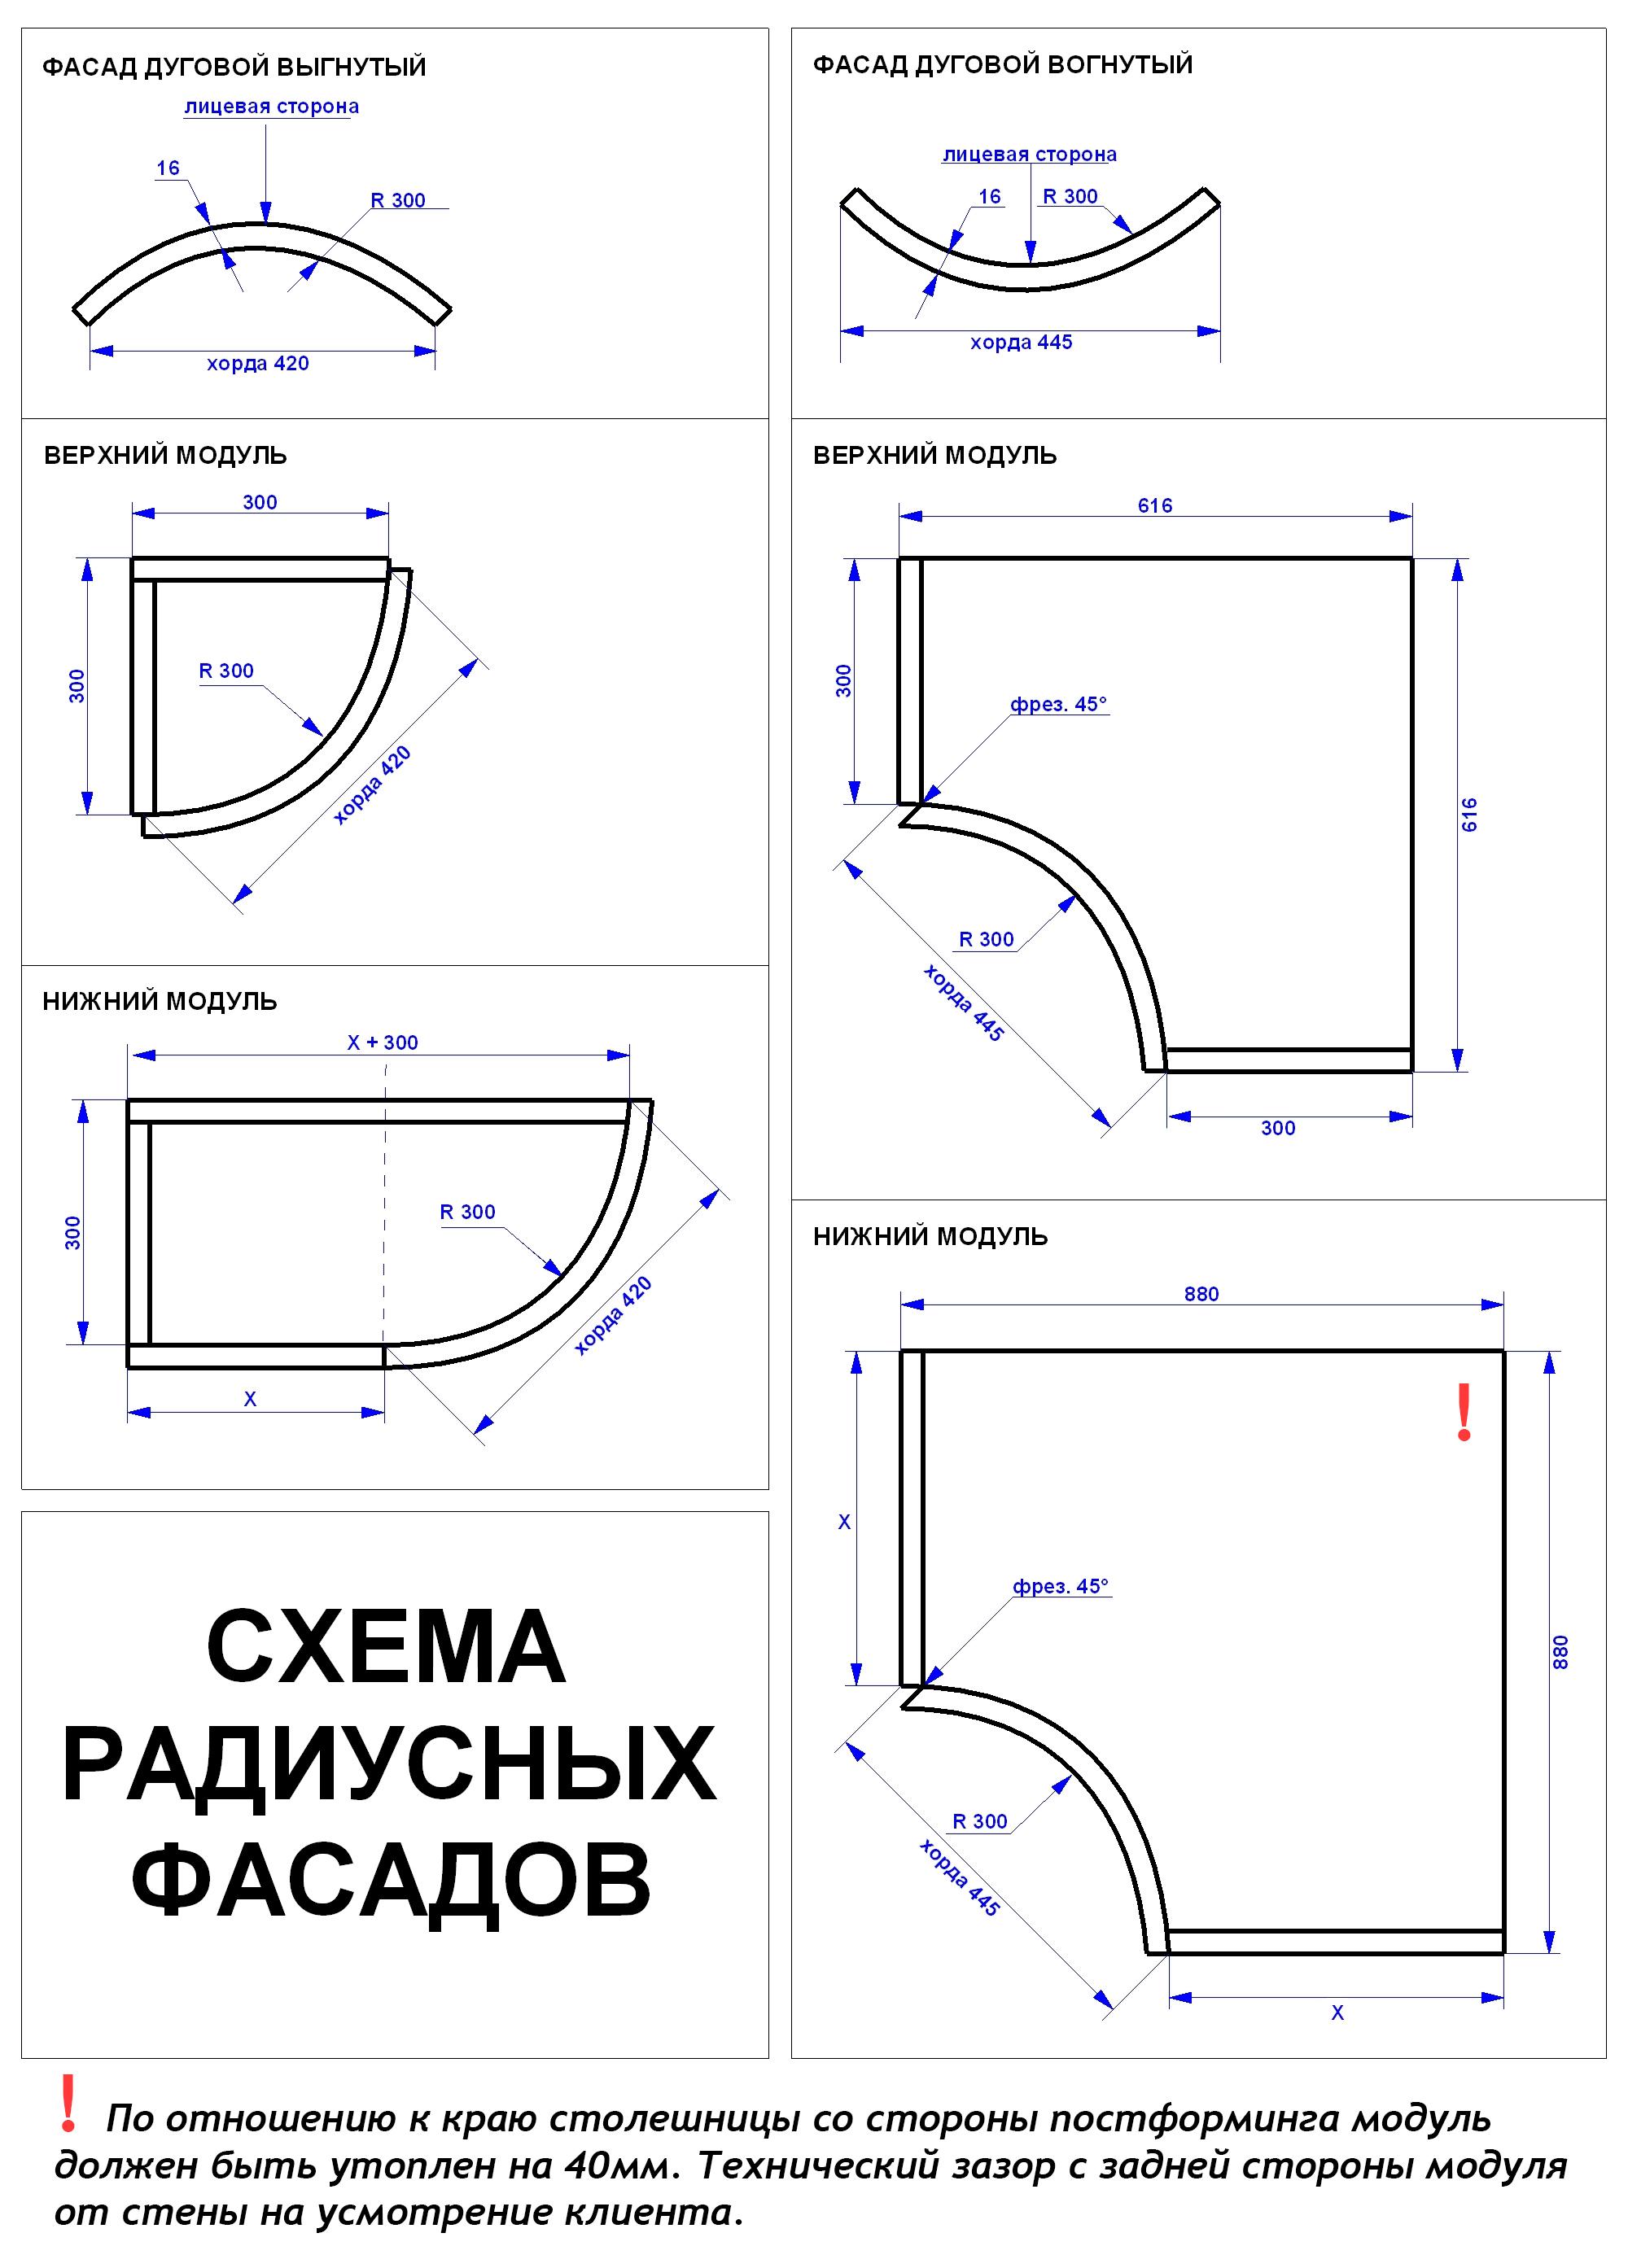 Схема радиусных фасадов